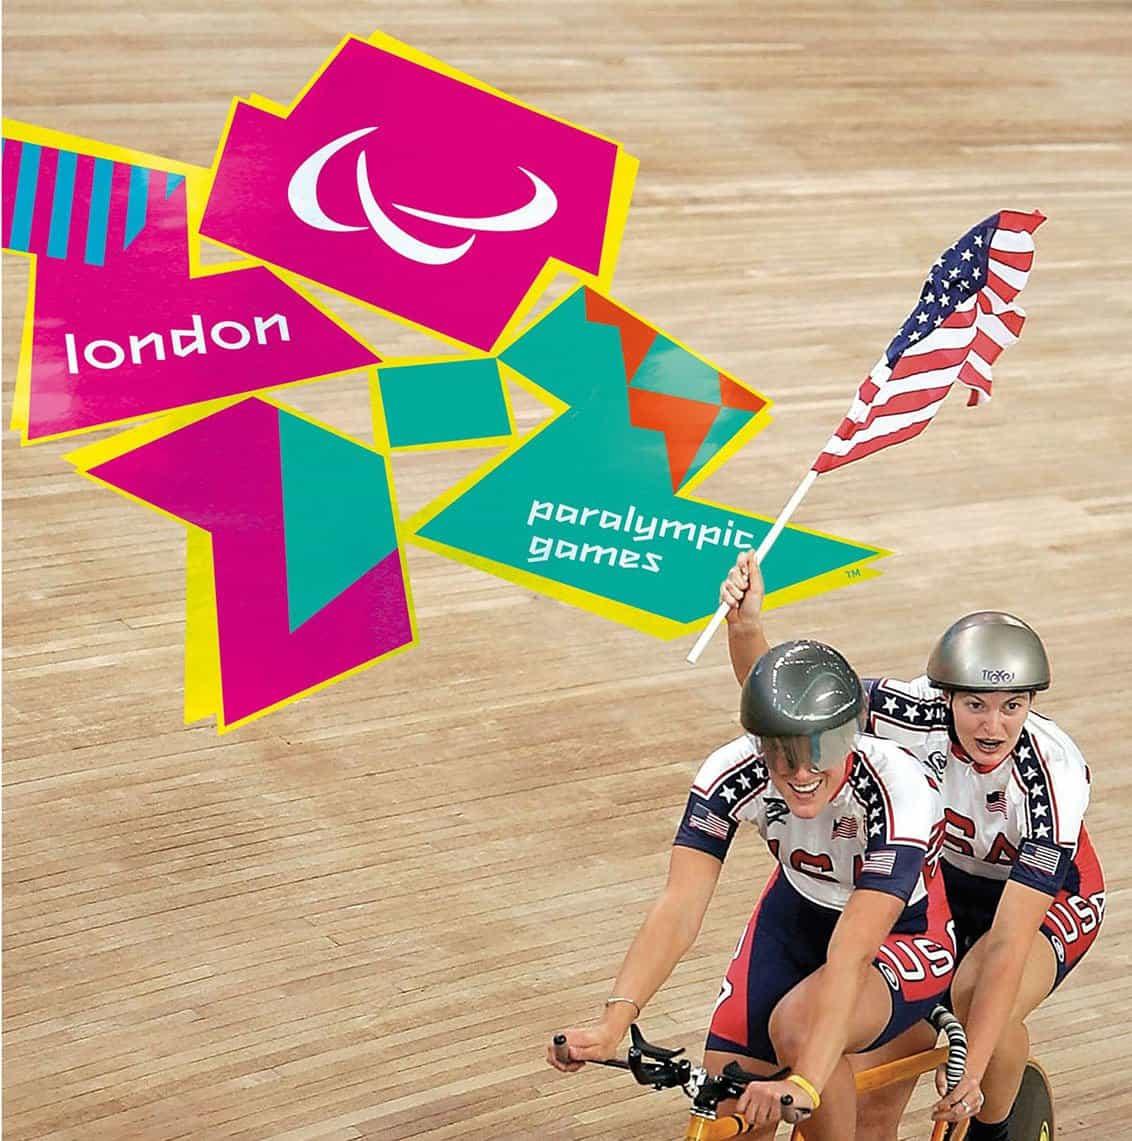 Wolff Olins: Londres 2012 Juegos Paralímpicos de identidad